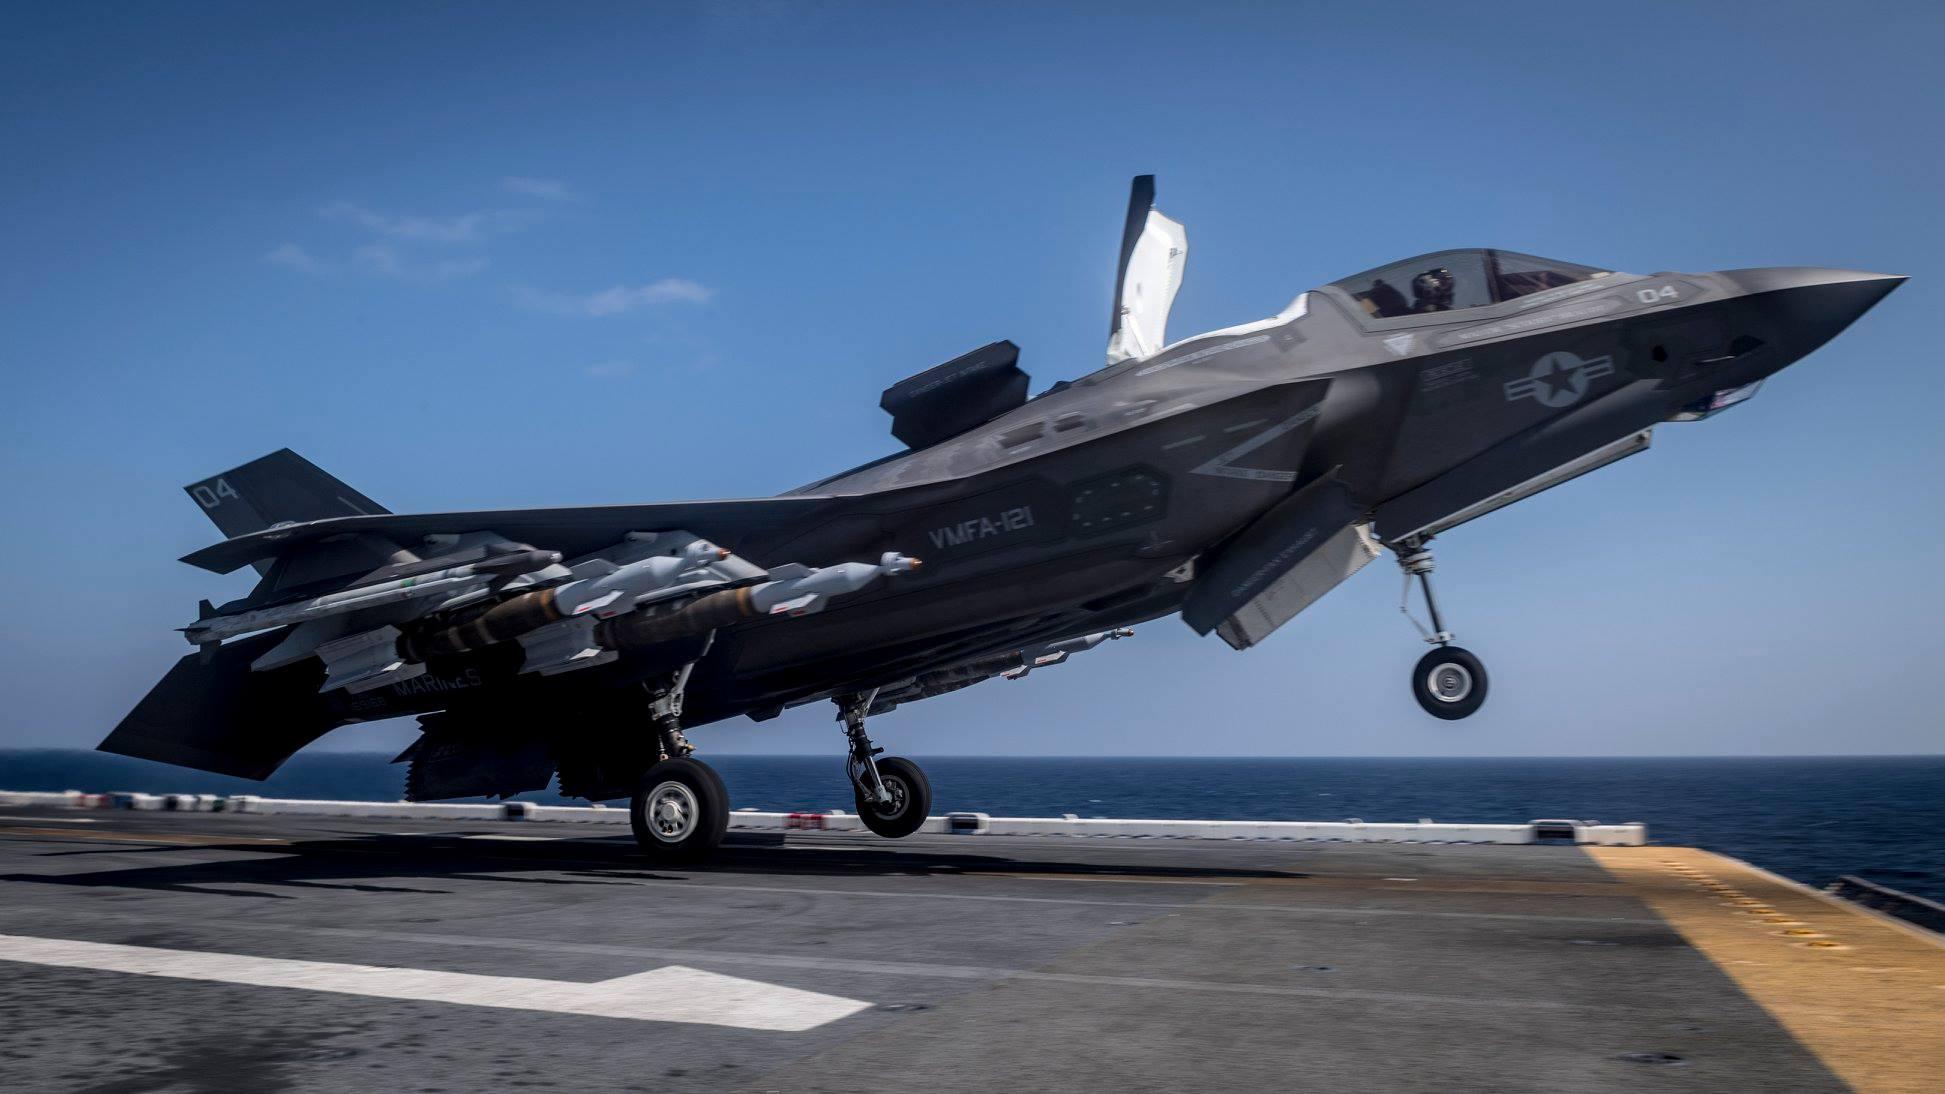 【F35B艦載】いずも型護衛艦163番艦【ヘリ空母】 YouTube動画>2本 ->画像>23枚